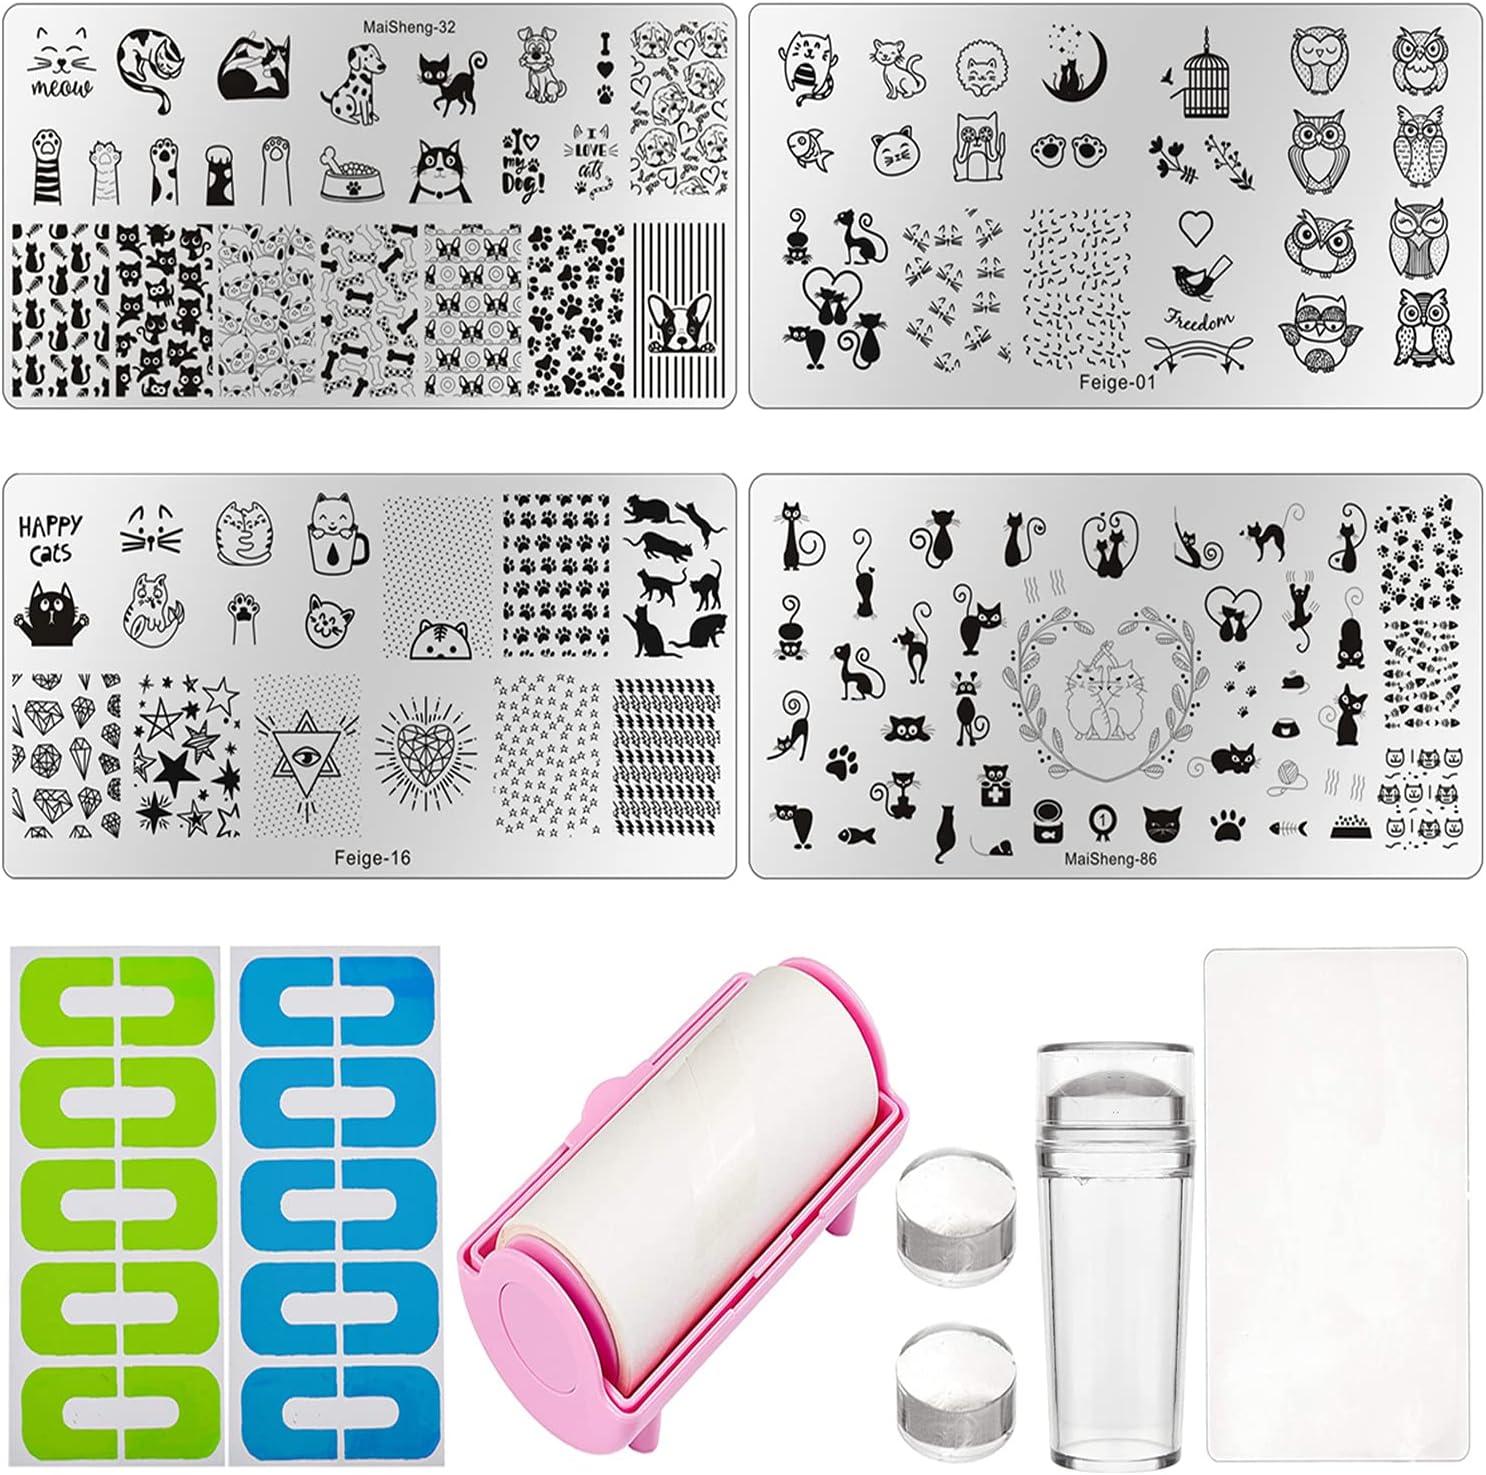 NICENEEDED 13Pcs Kit de Estampado de Uñas, 4 Uds Sellos de Arte de Uñas de Animales, Selladores de Uñas Y Raspador de Uñas Y 2 pieza de Adhesivo Protector de Esmalte de Uñas En Forma de U